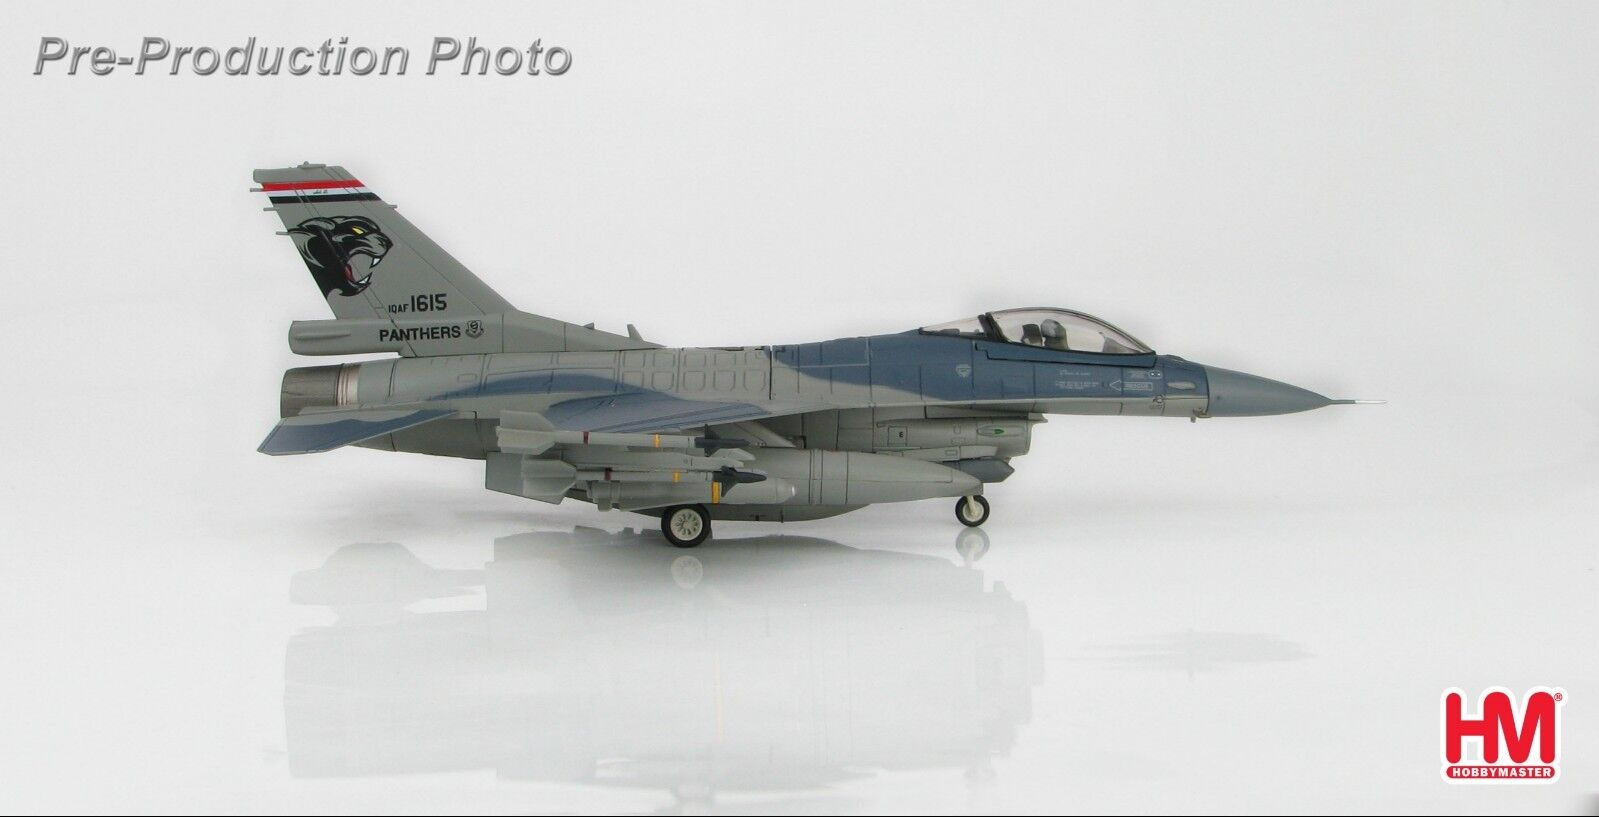 Hobby Master HA3863, Lockheed F-16C bloque 52 1615, la fuerza aérea iraquí, 2015